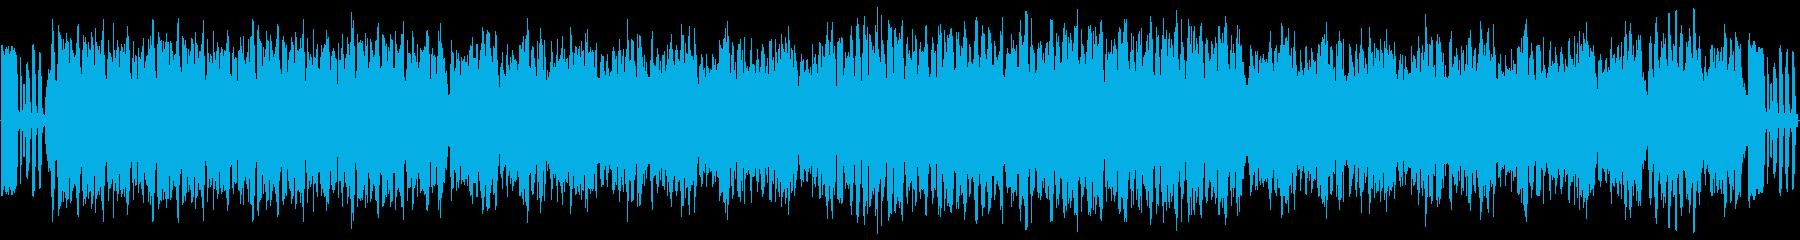 コミカルなドタバタ系BGMですの再生済みの波形